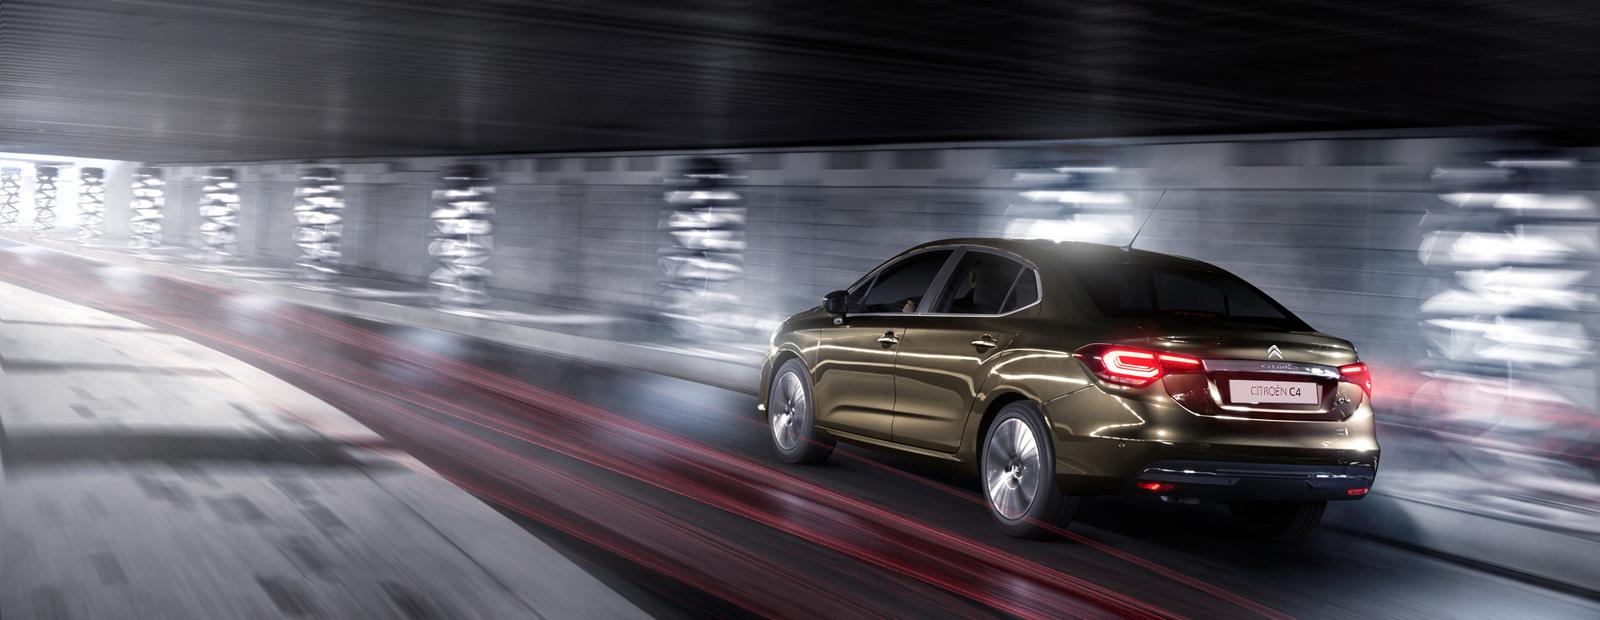 Citroen рассказал, когда в России начнут продавать новый седан С4